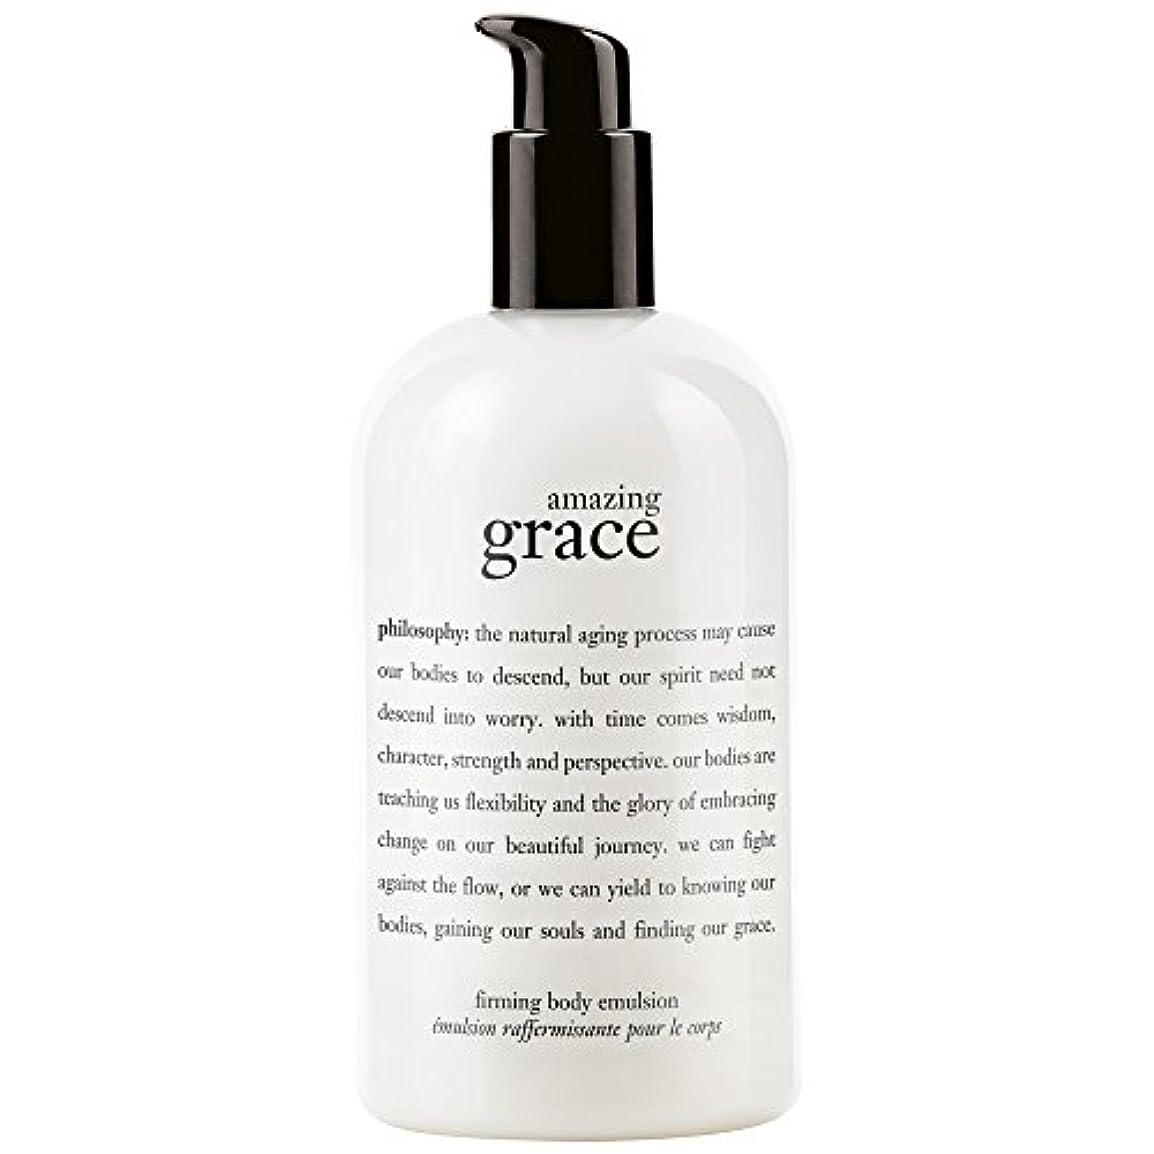 配当否定するを除く哲学驚くべき恵み引き締めボディエマルジョン480ミリリットル (Philosophy) (x2) - Philosophy Amazing Grace Firming Body Emulsion 480ml (Pack...